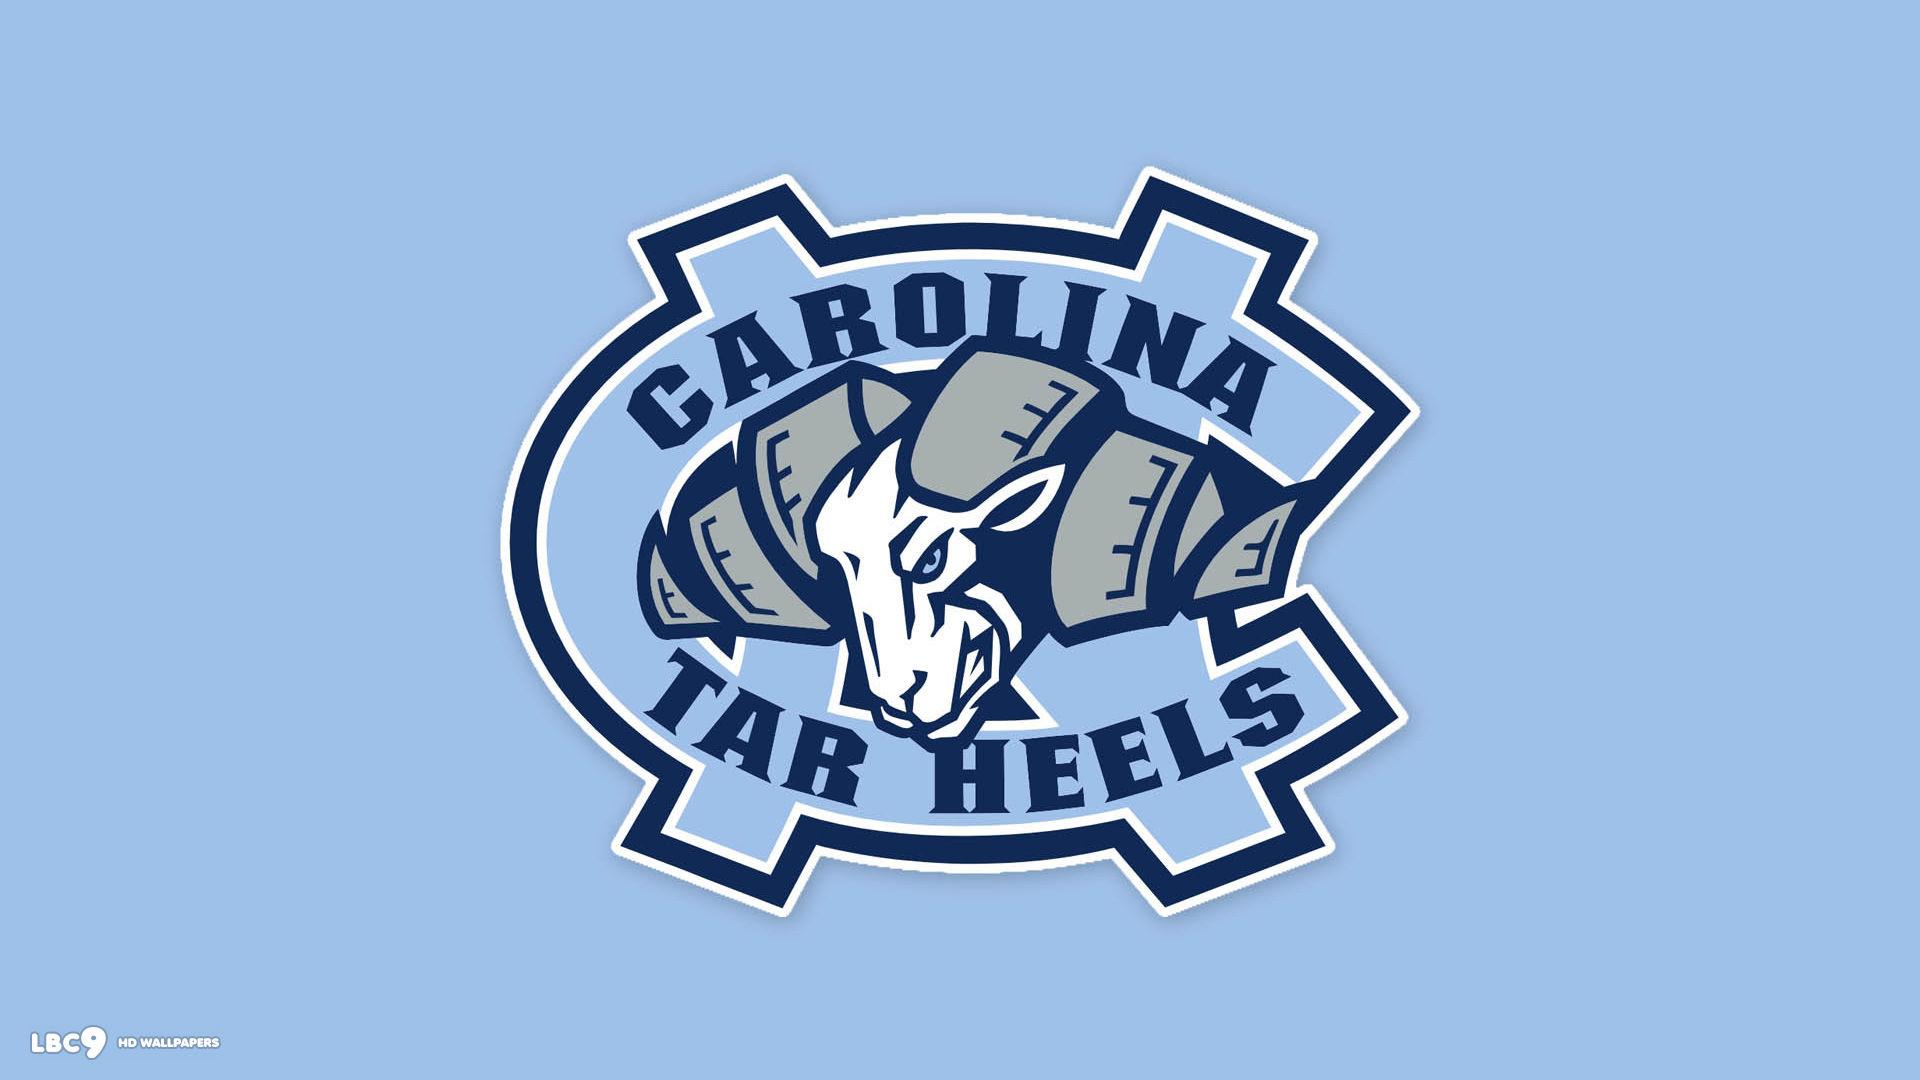 North Carolina Tar Heels Basketball Wallpapers Wallpapers